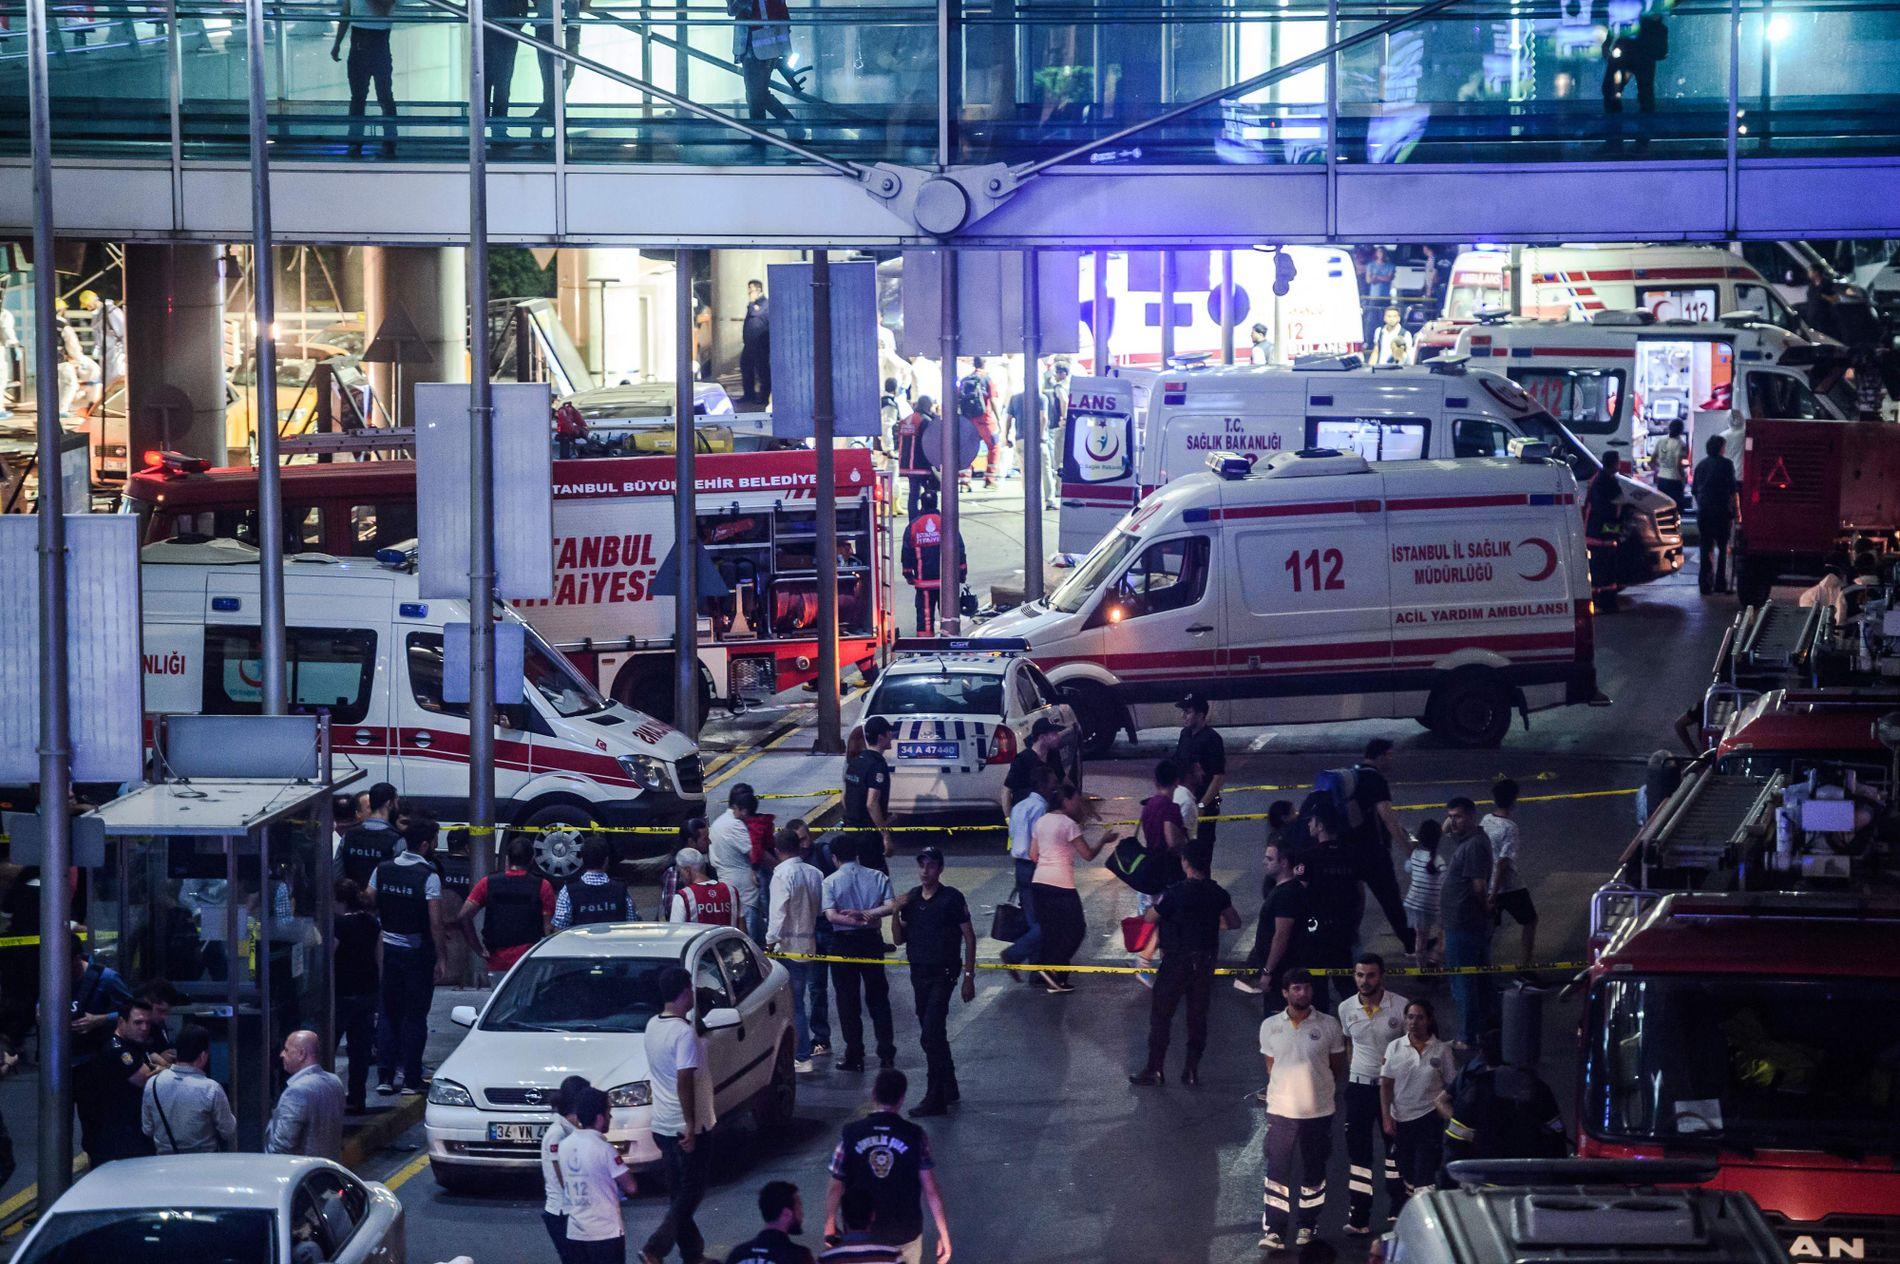 OPPDAGET DE TERRORISTENE? Tekstmeldinger sendt via WhatsApp kan tyde på at sivilt kledd politi fattet mistanke til terroristene siden de ankom i tykke vinterjakker, der de skjulte våpnene sine.